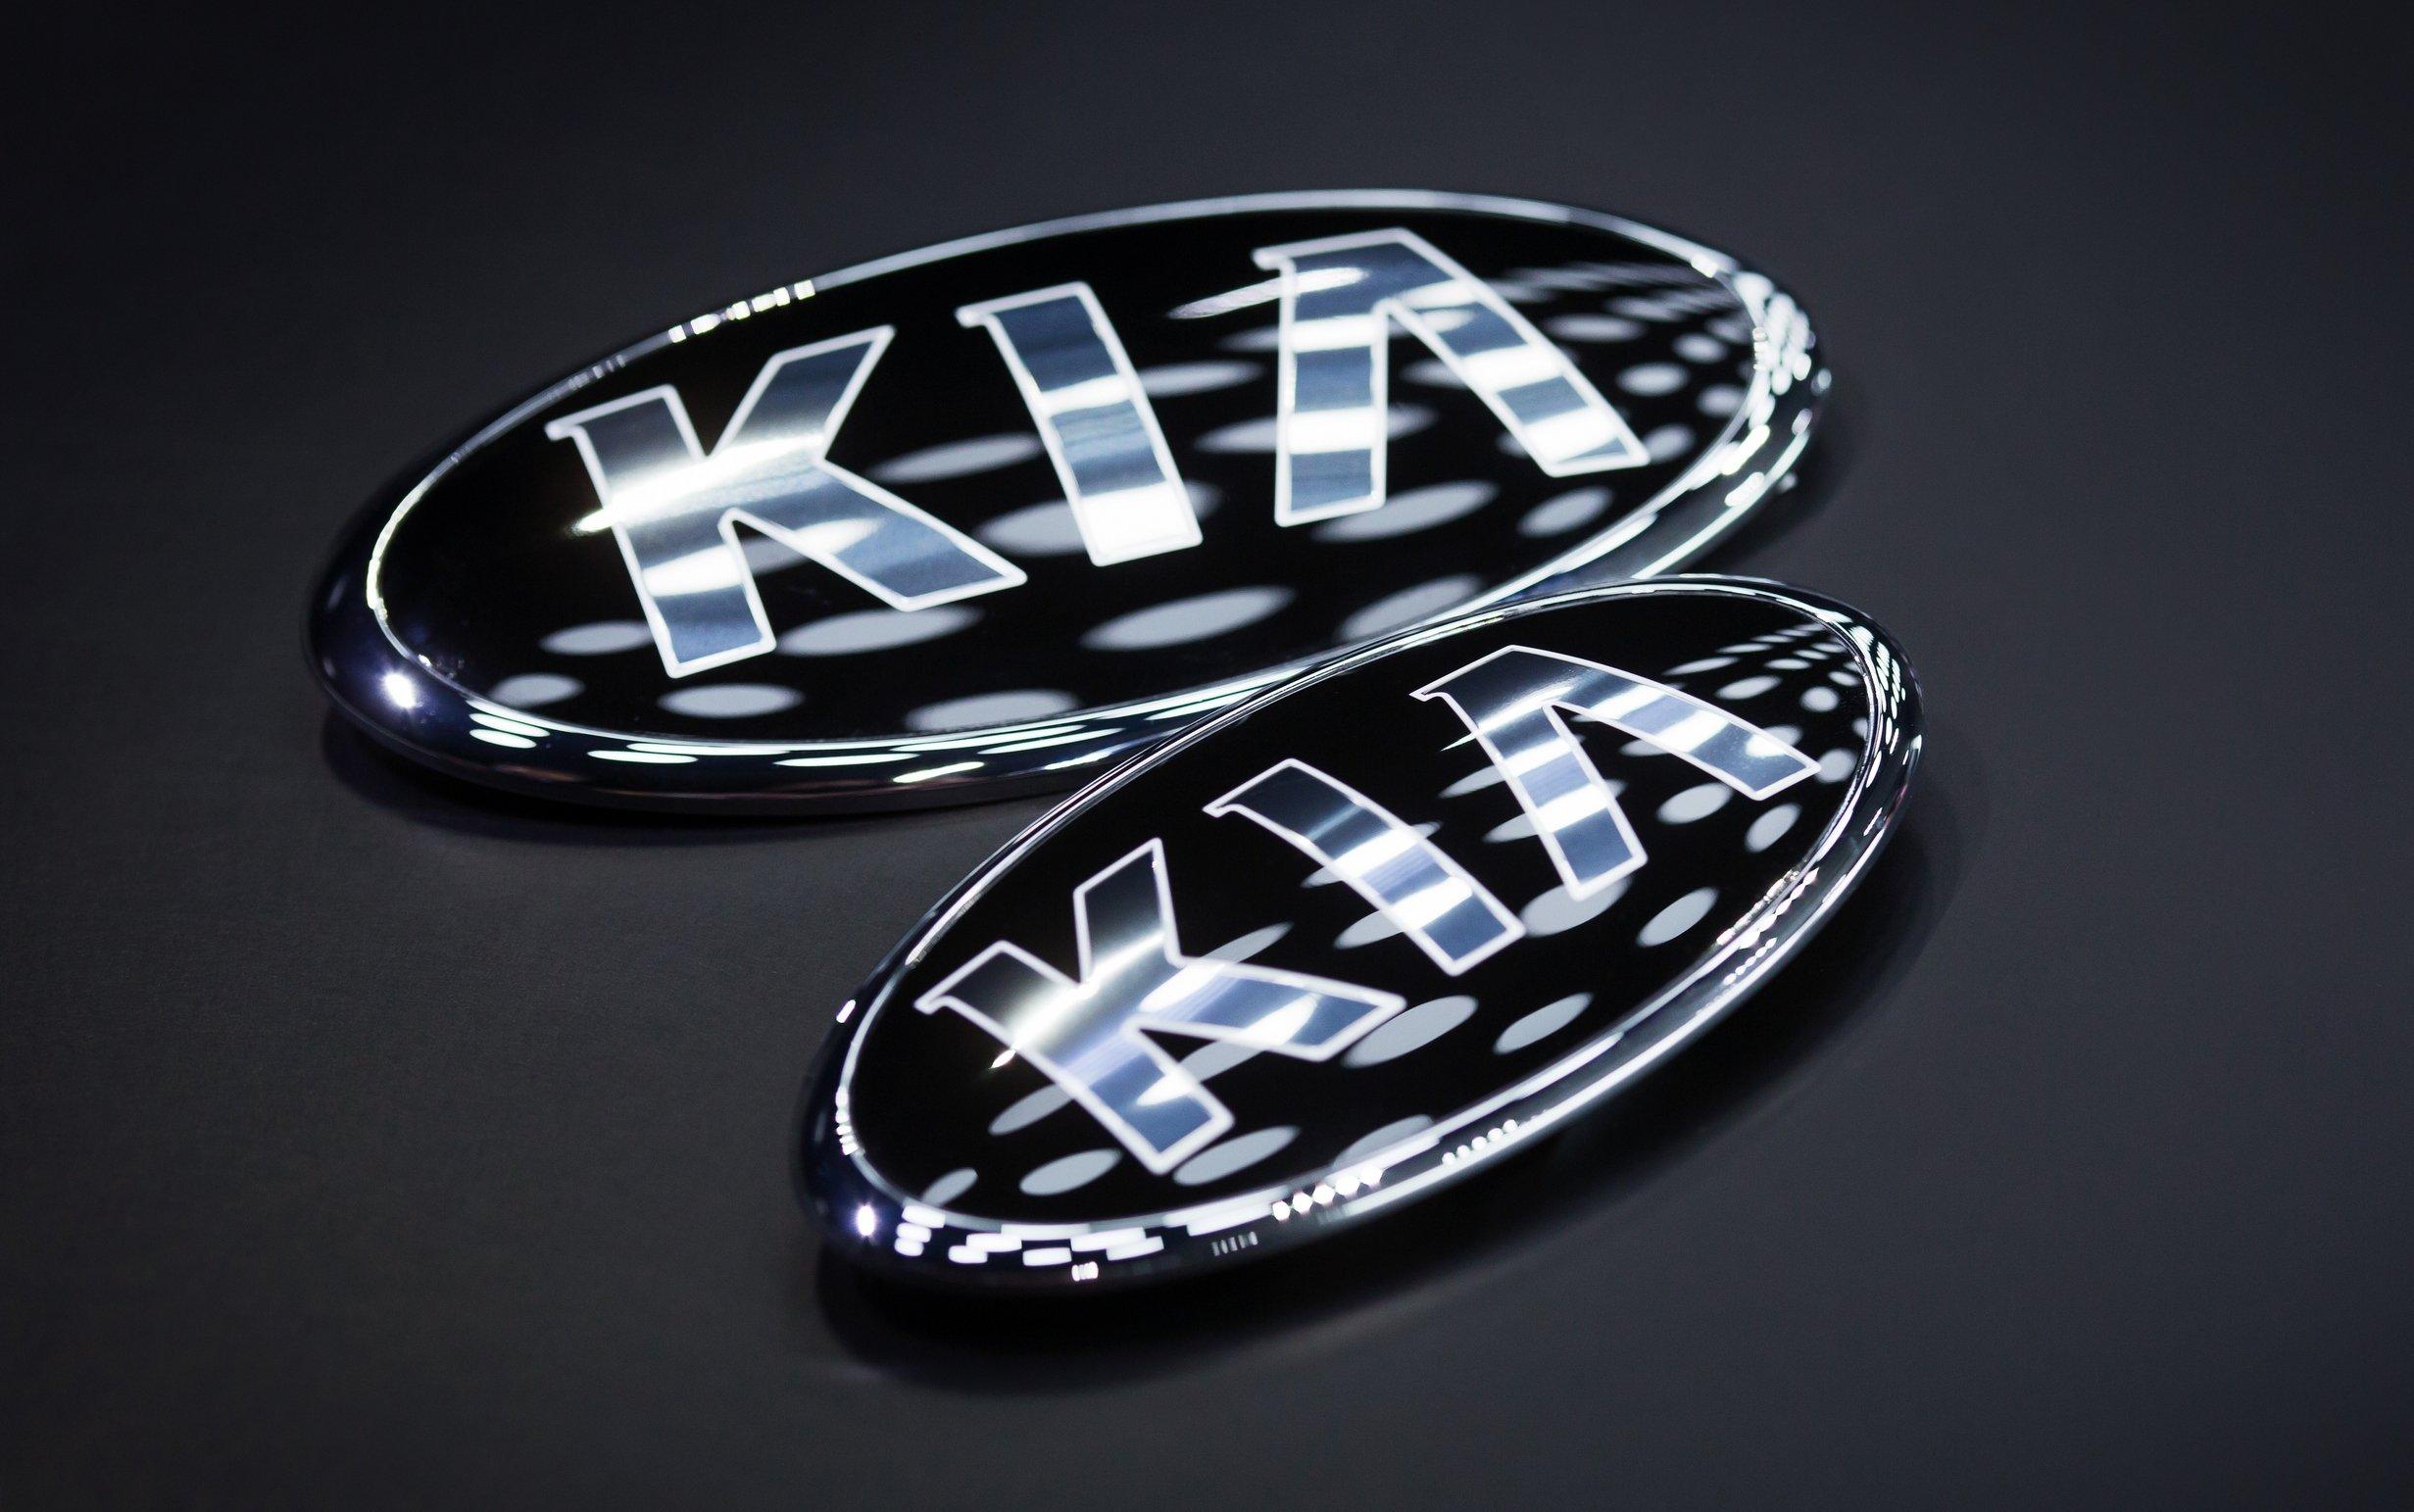 Техосмотру дали отсрочку: владельцам Kia разрешили не проходить ТО в условиях карантина